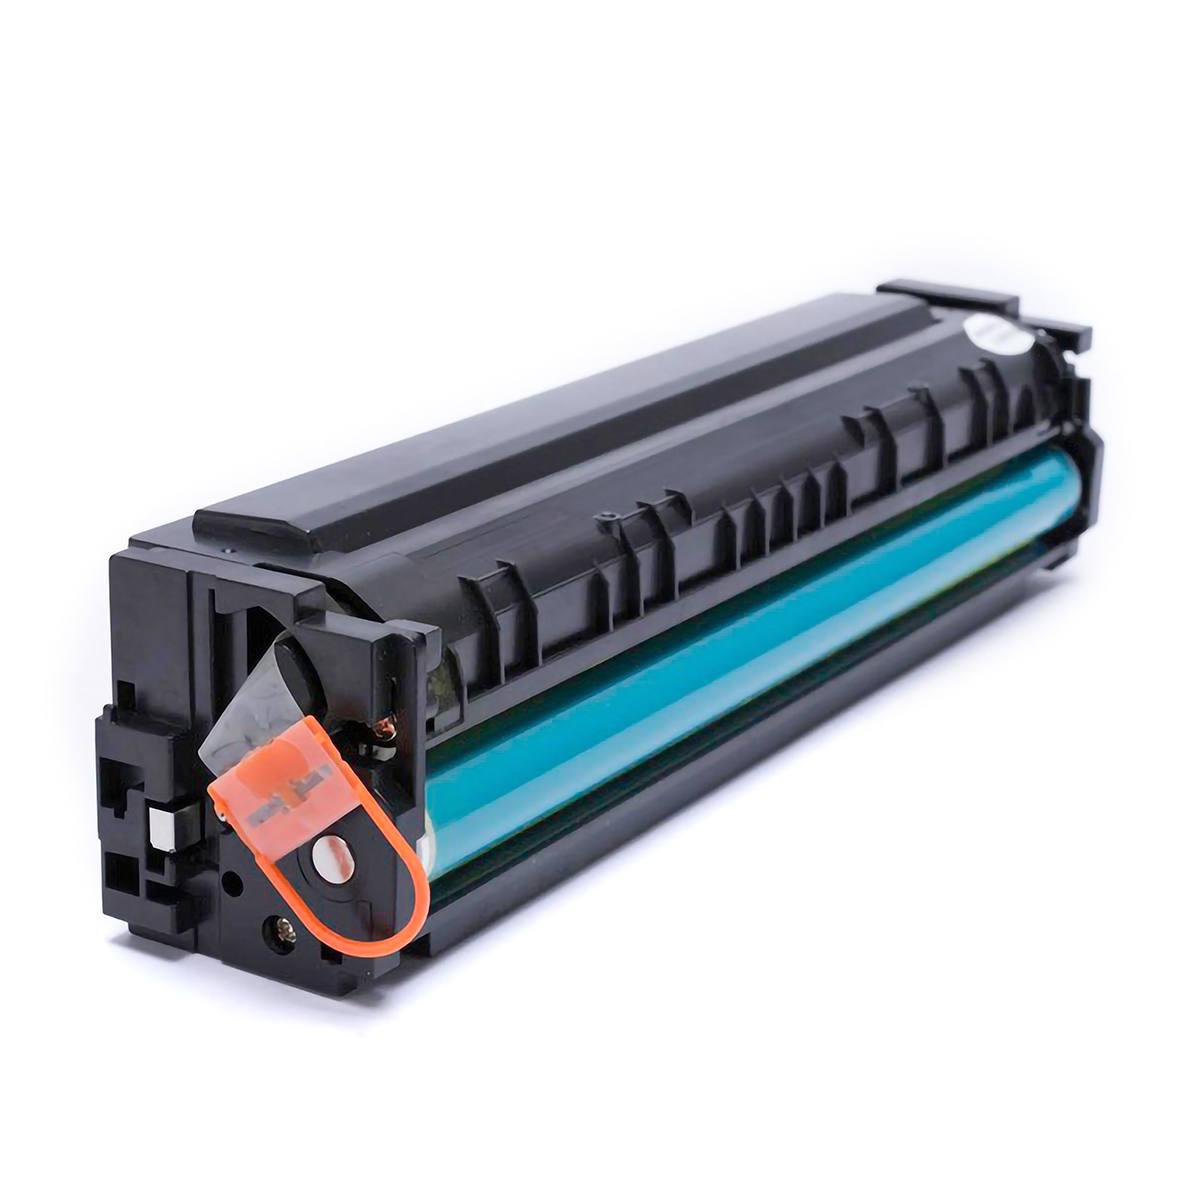 Compatível: Kit Colorido de Toner CF400X CF401X CF402X CF403X 201X para HP M252 M252n M252dw M277 M277n M277dw 277dw